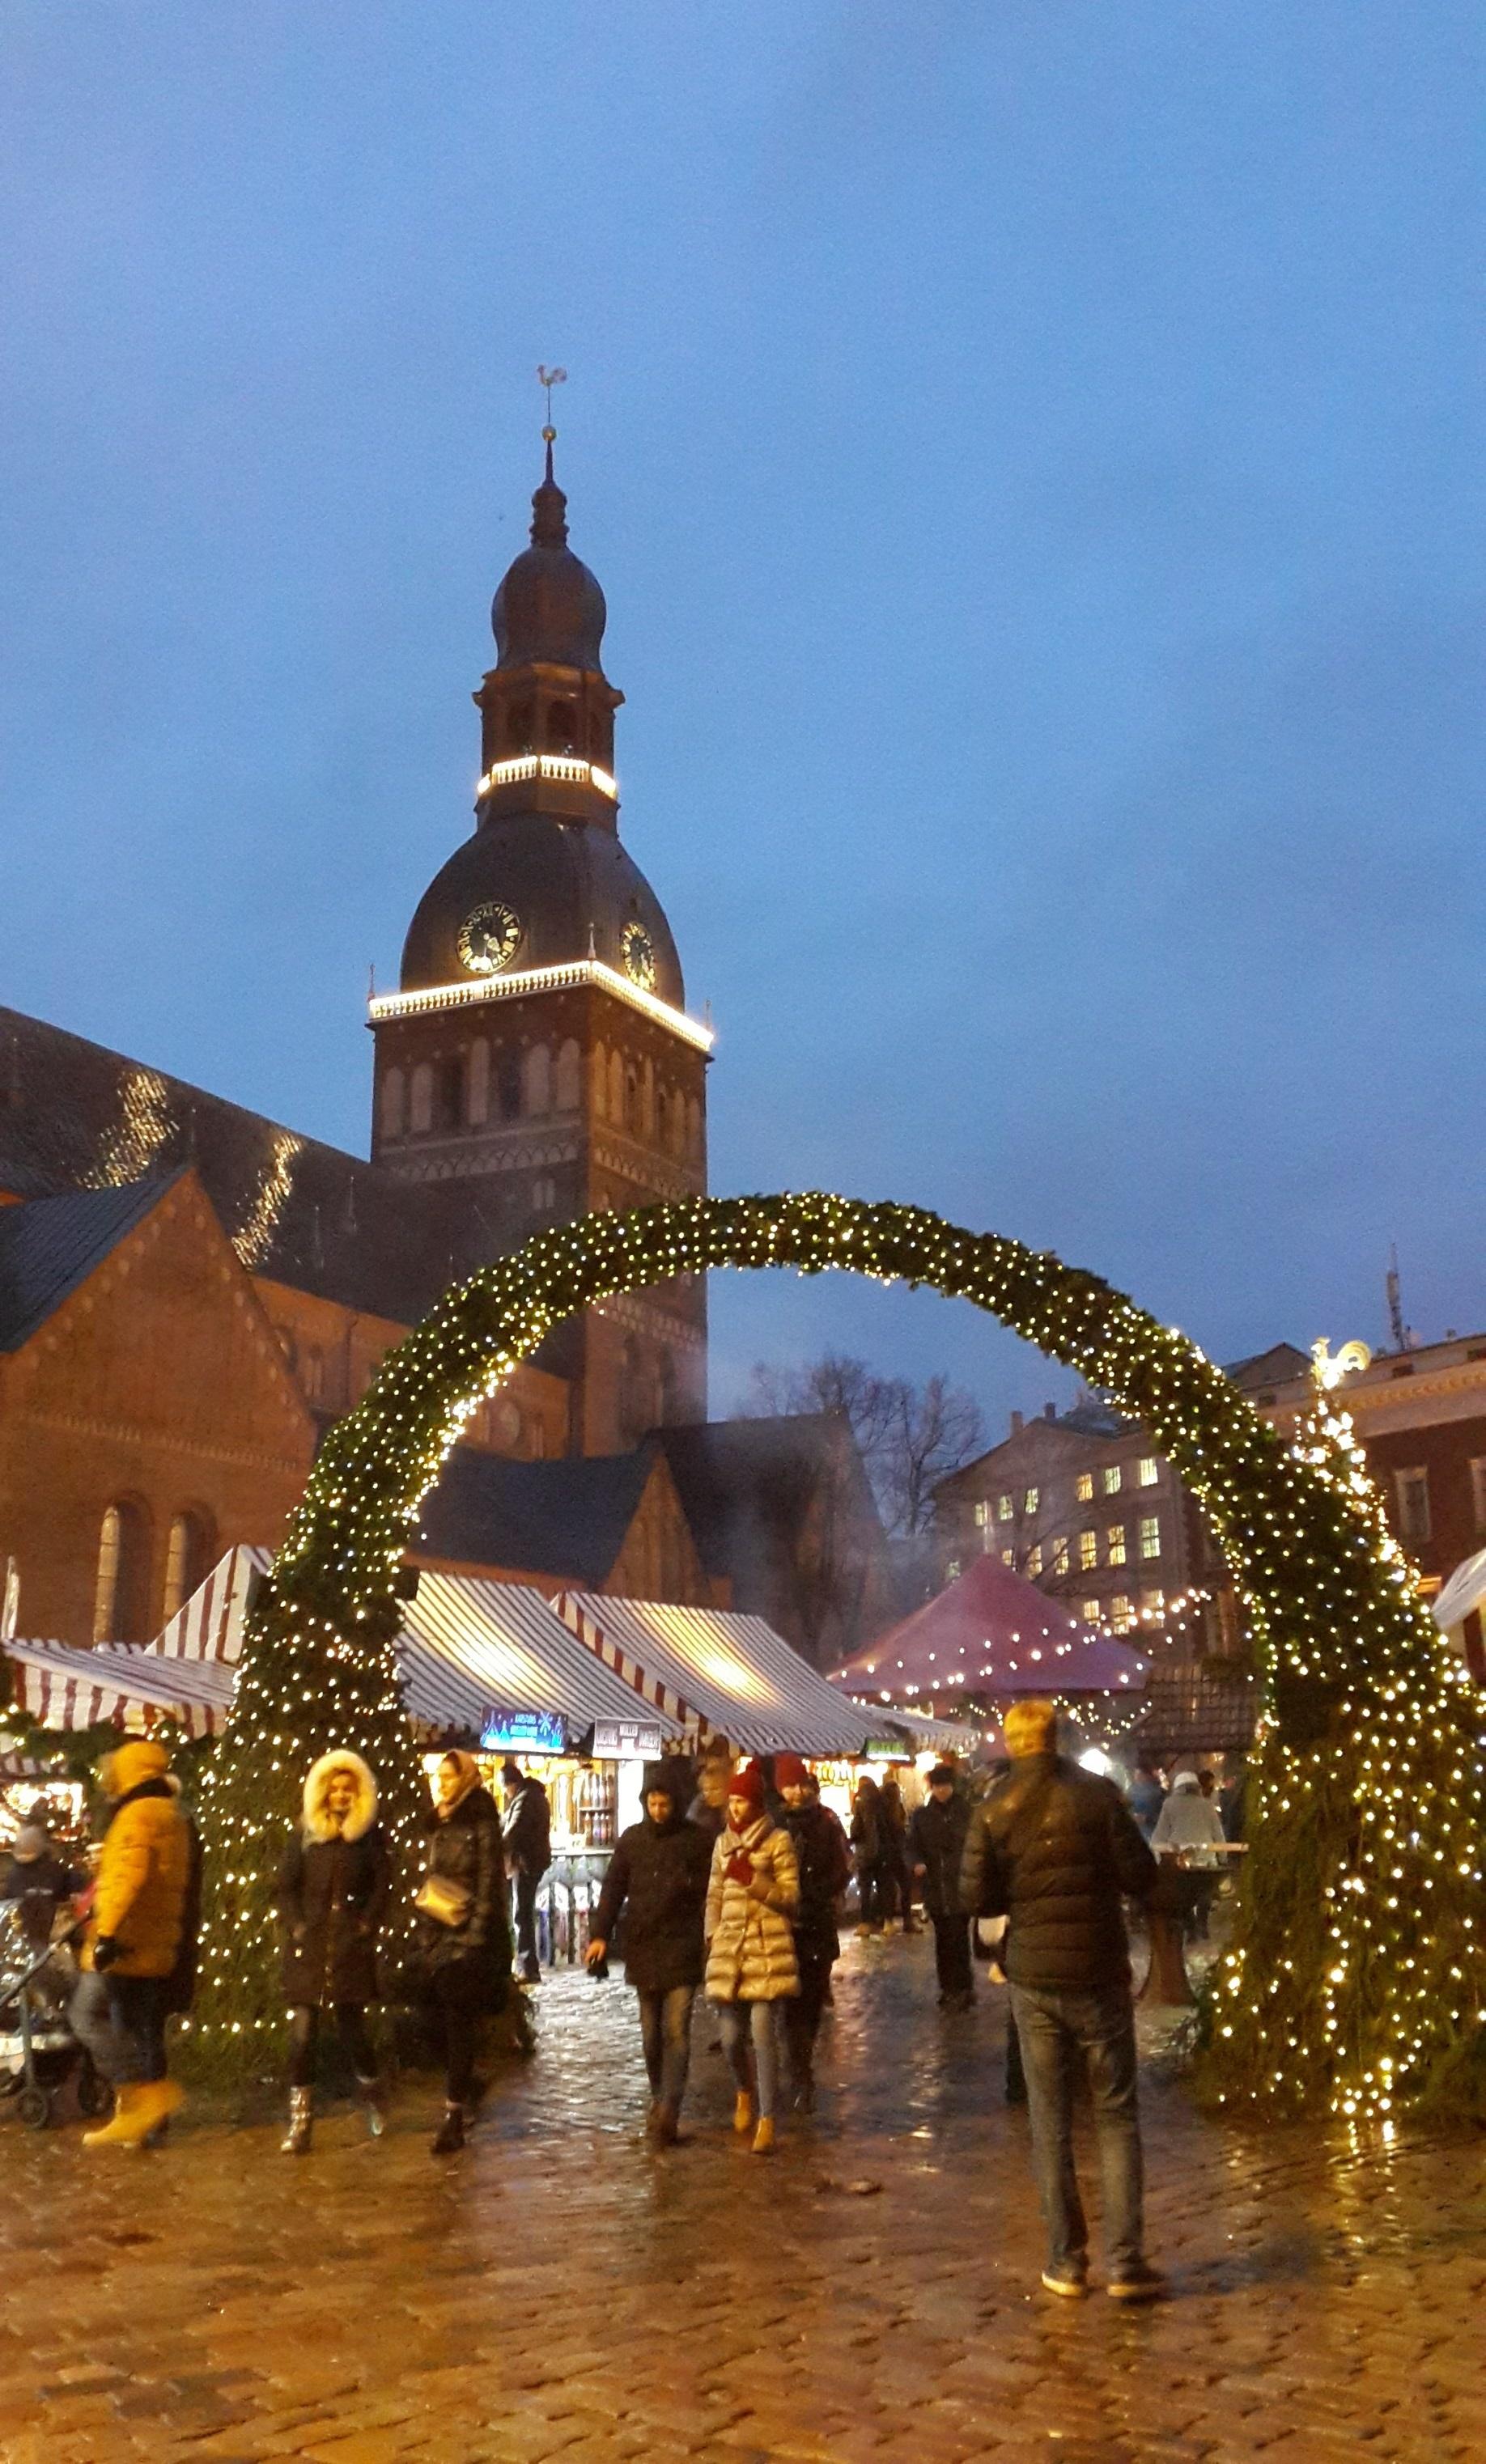 Домская площадь, Рига, Латвия, январь 2018